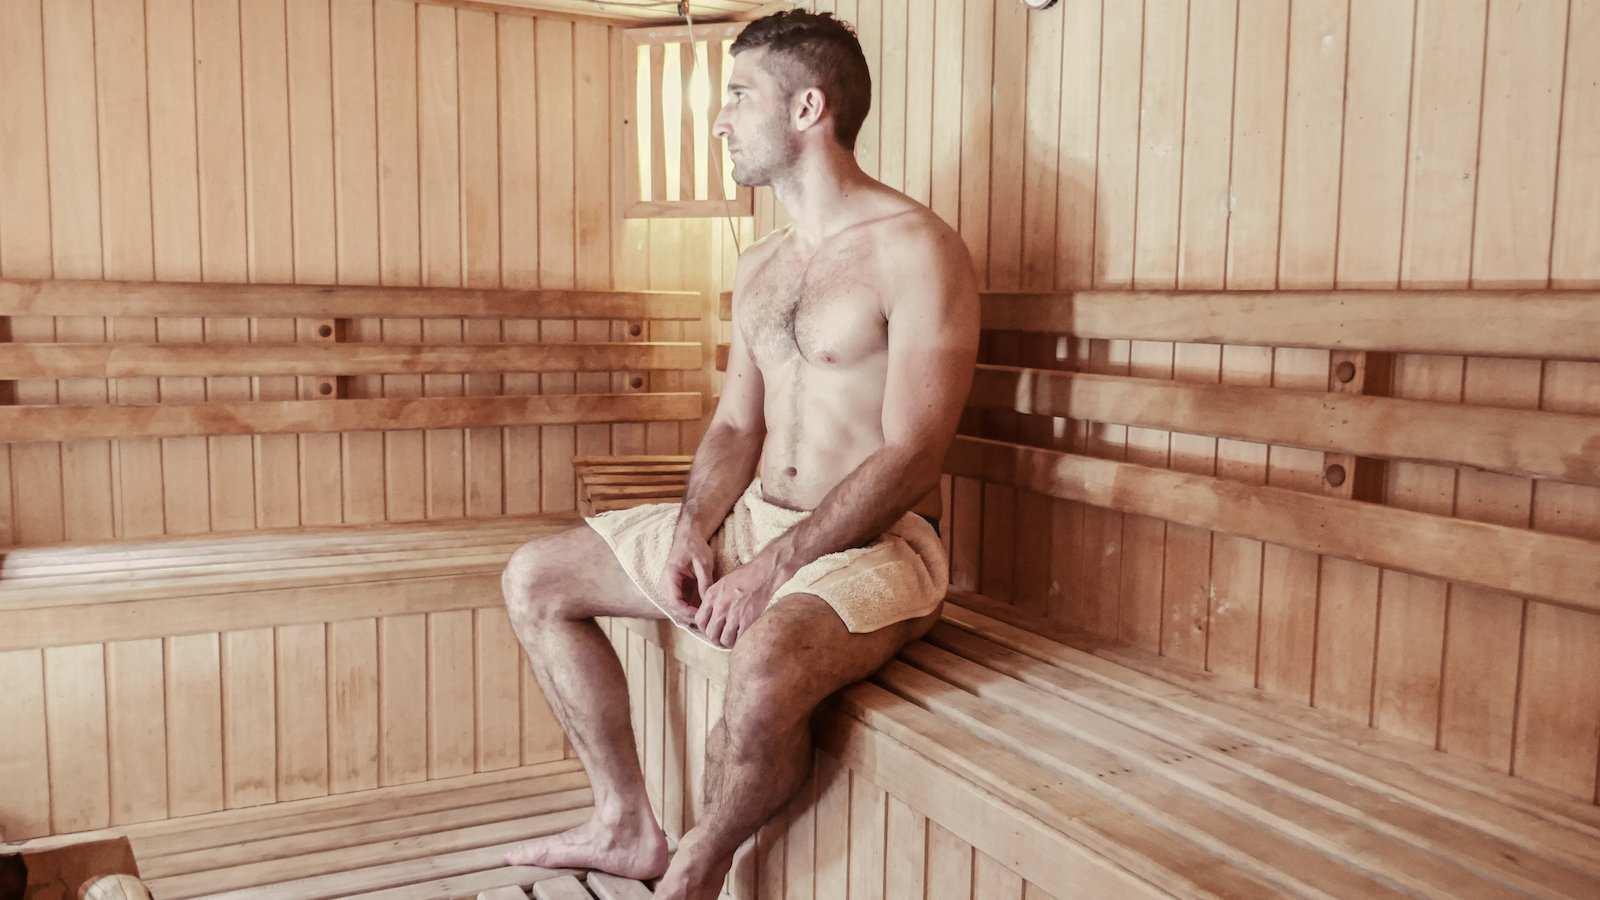 A Clubhouse II é uma sauna gay conhecida em Miami que existe desde os anos 70